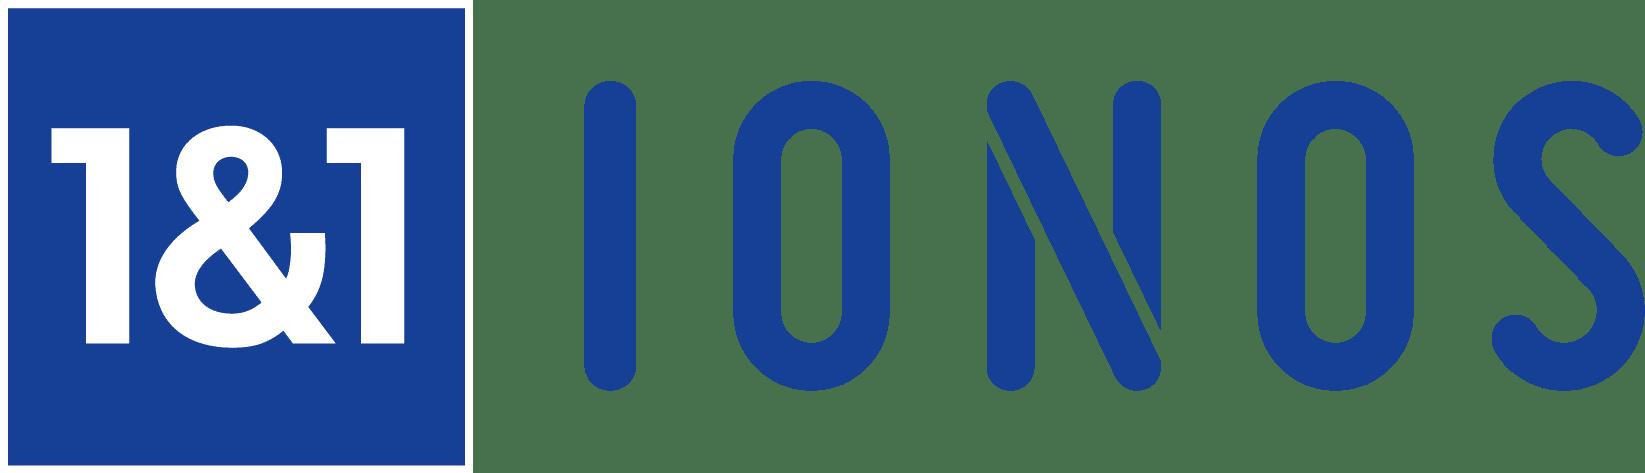 LOGO_1_1_IONOS_Blue